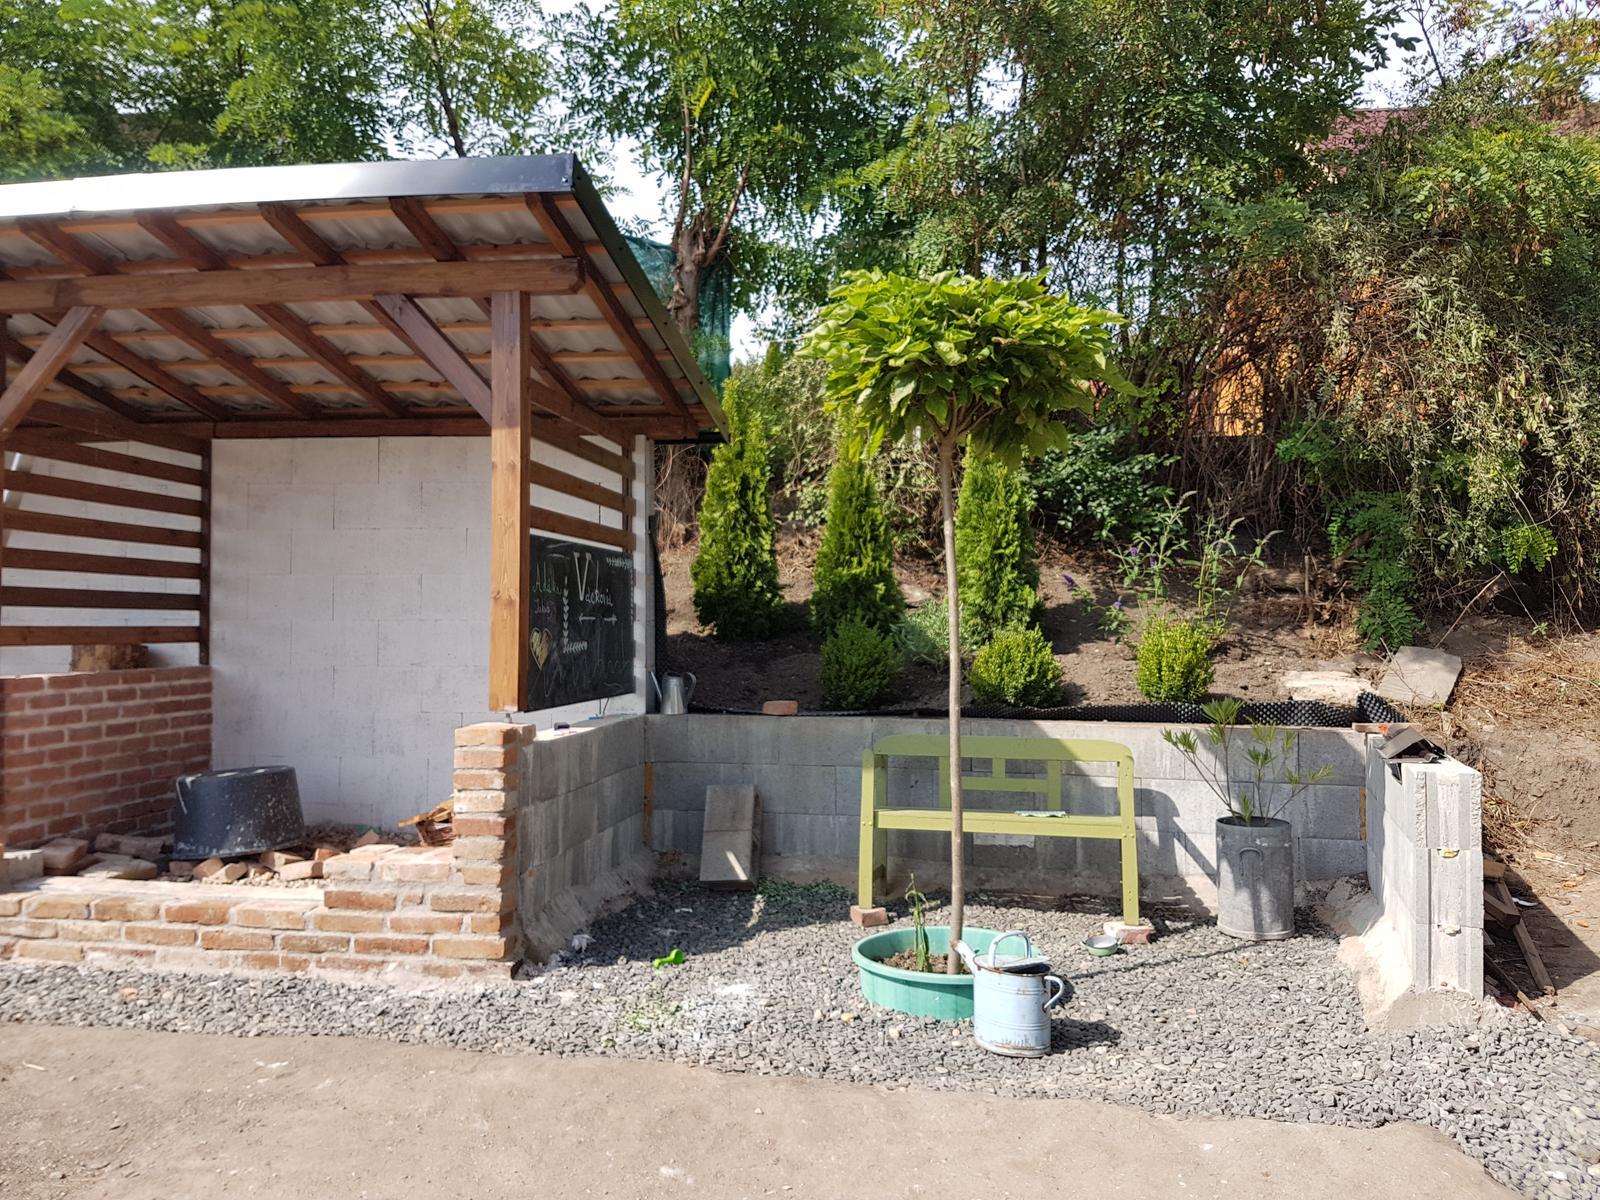 Drevník a kafé kútik - projekt roku  2018 - Zatiaľ hotovo, ešte mandloň na kmeni a pár trvaliek, kokosova rohož a kôra ale to postupne.